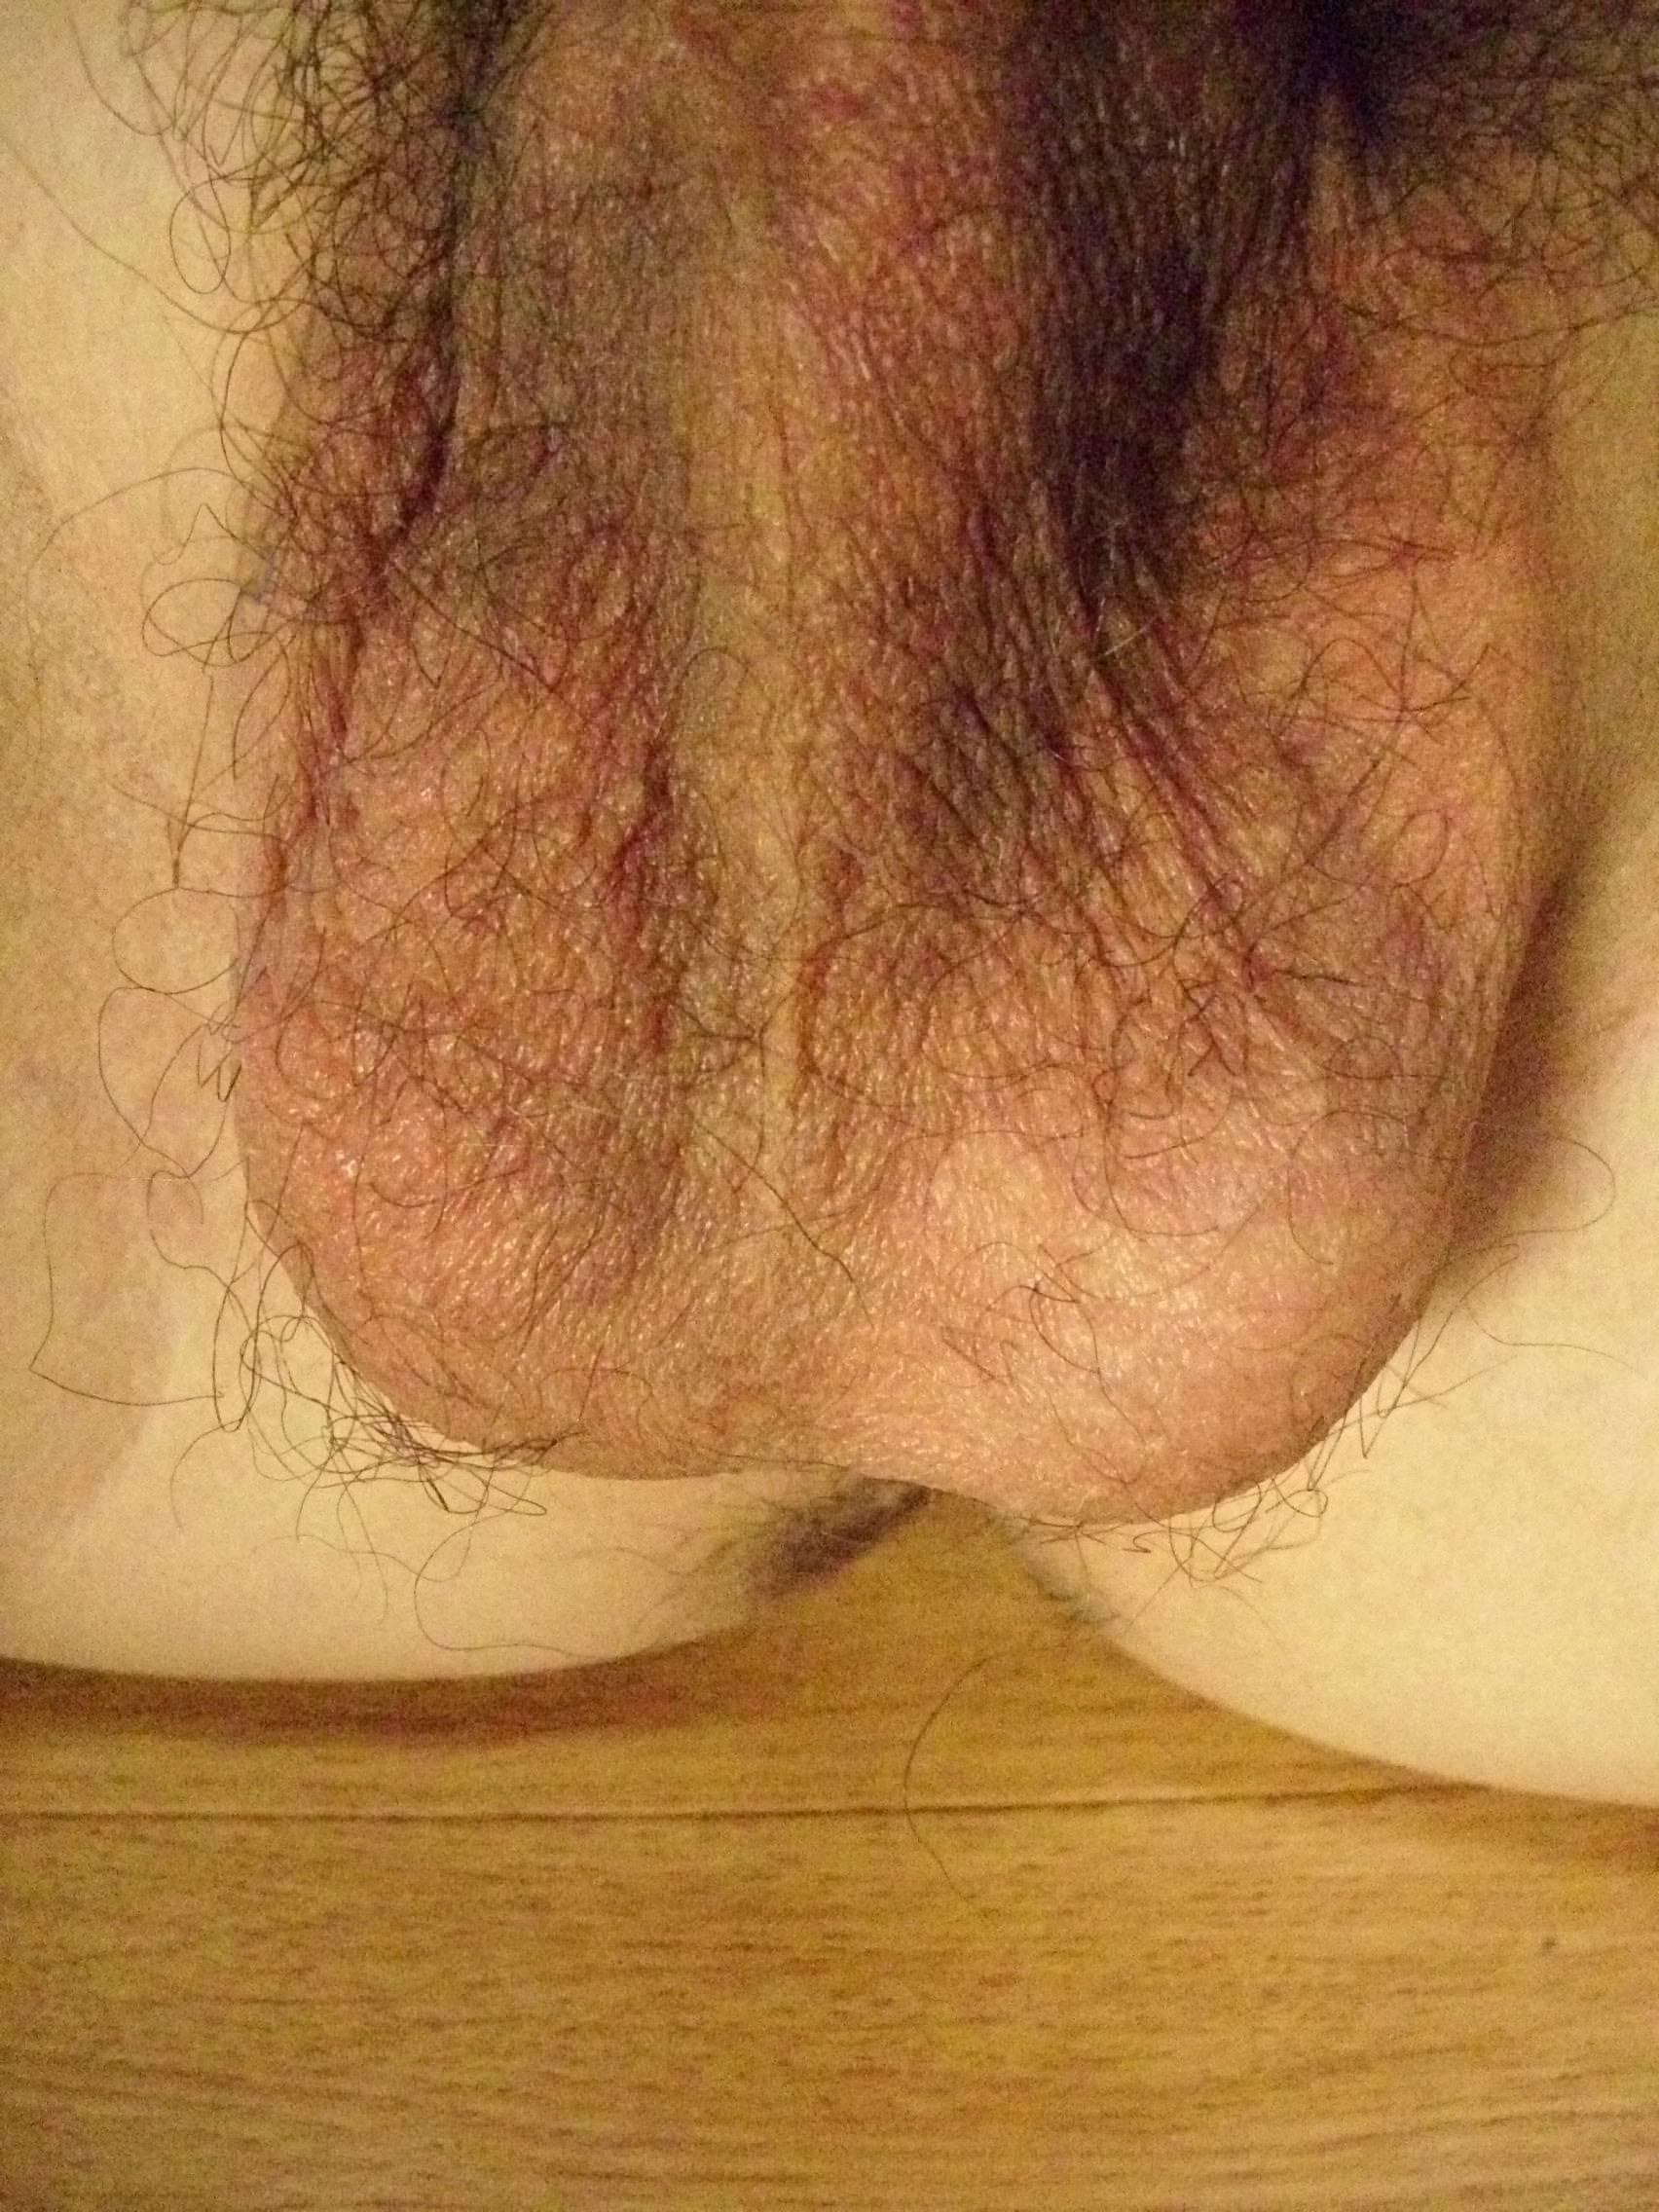 behaarte venushügel